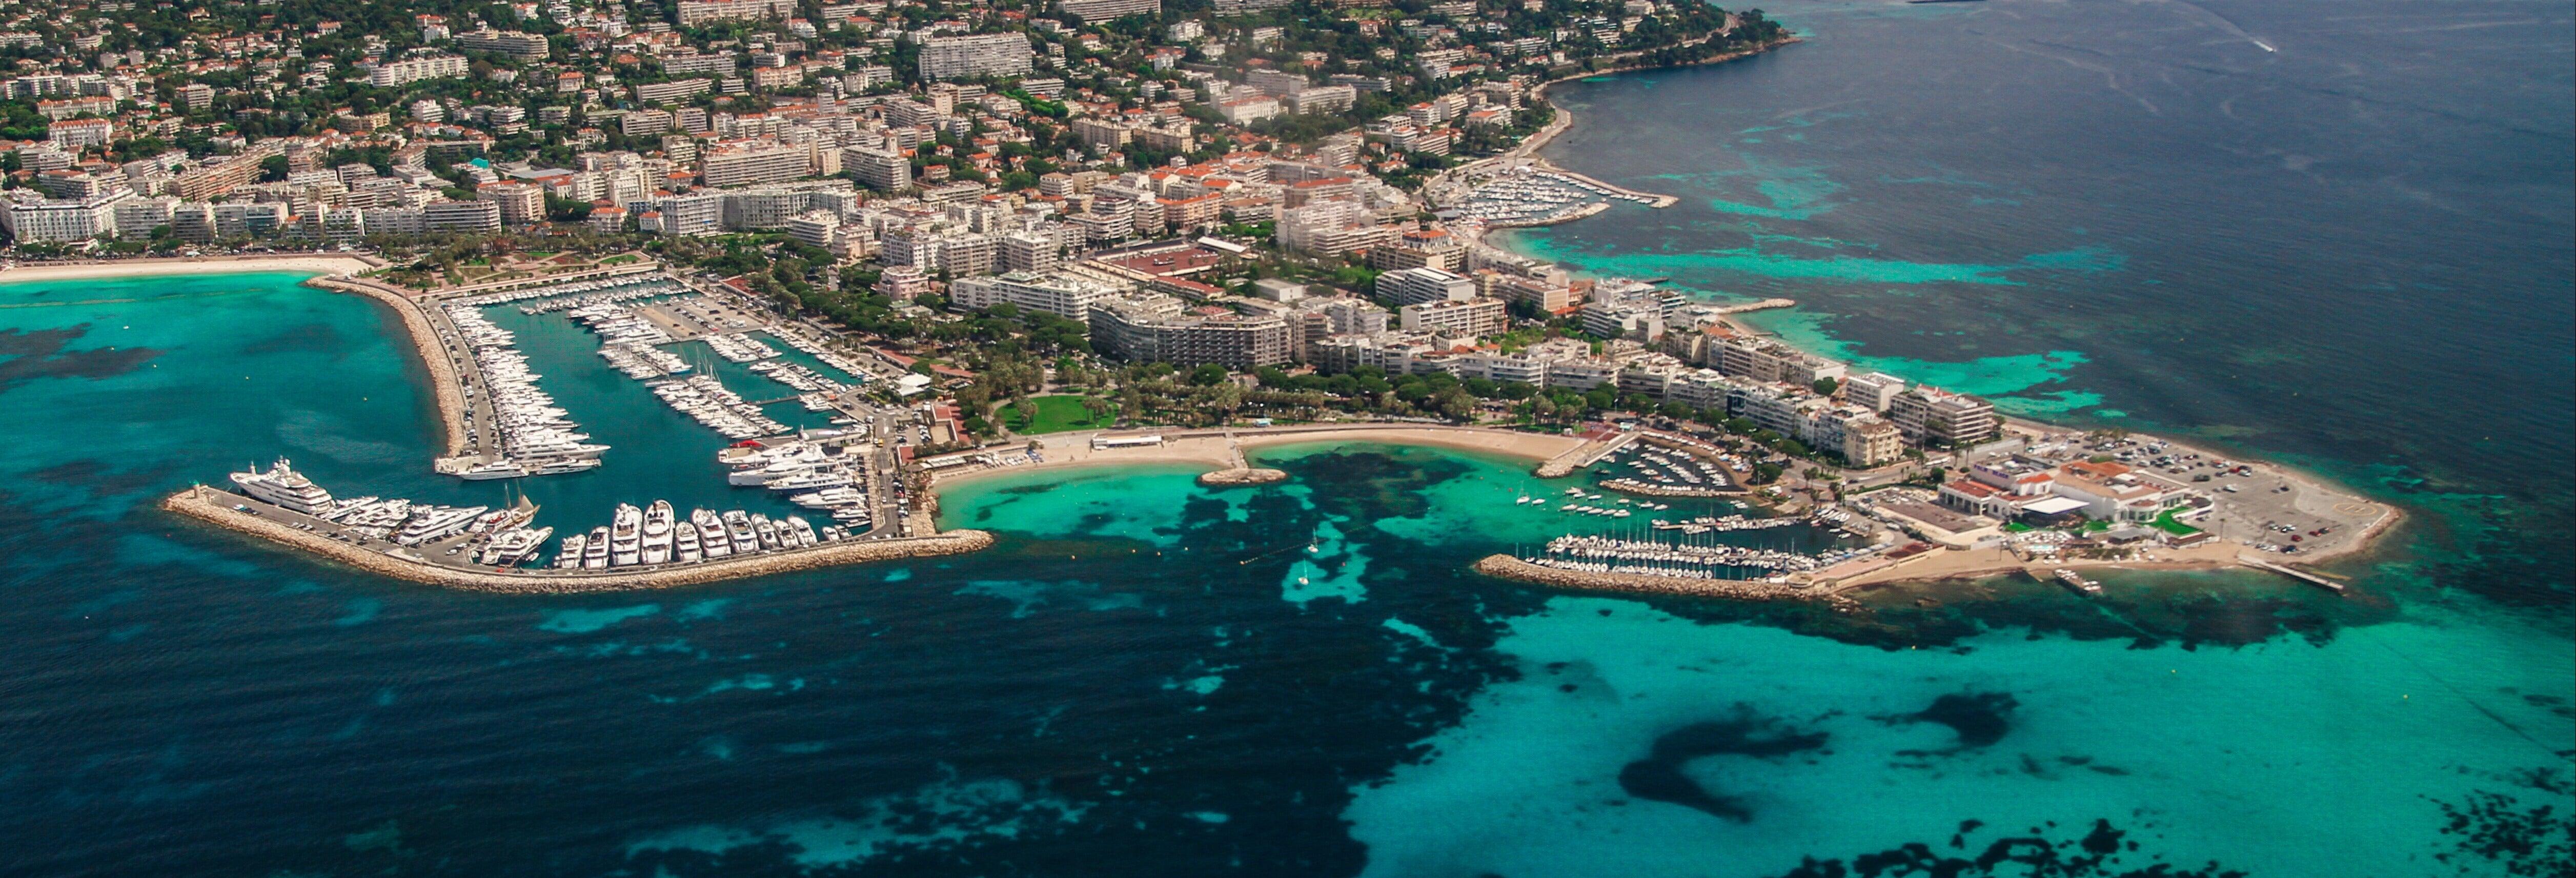 Vol en avion de tourisme au-dessus de Cannes